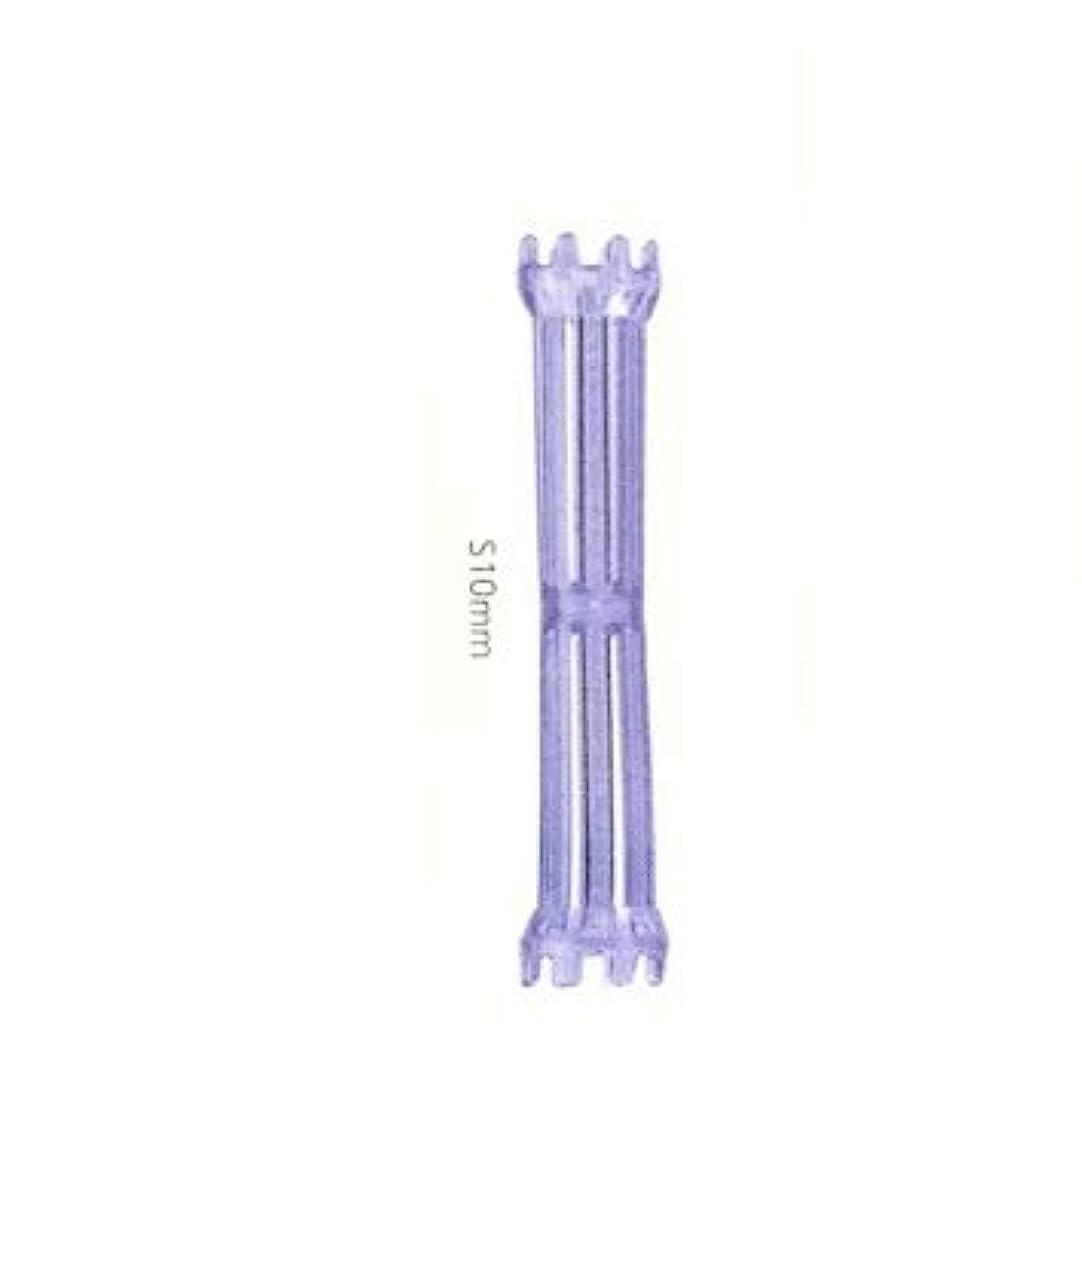 ライラックバルコニーディスカウントNEO ANION EX ロッド ネオ アニオン 国家試験対応 パーマロッド (S10mm)